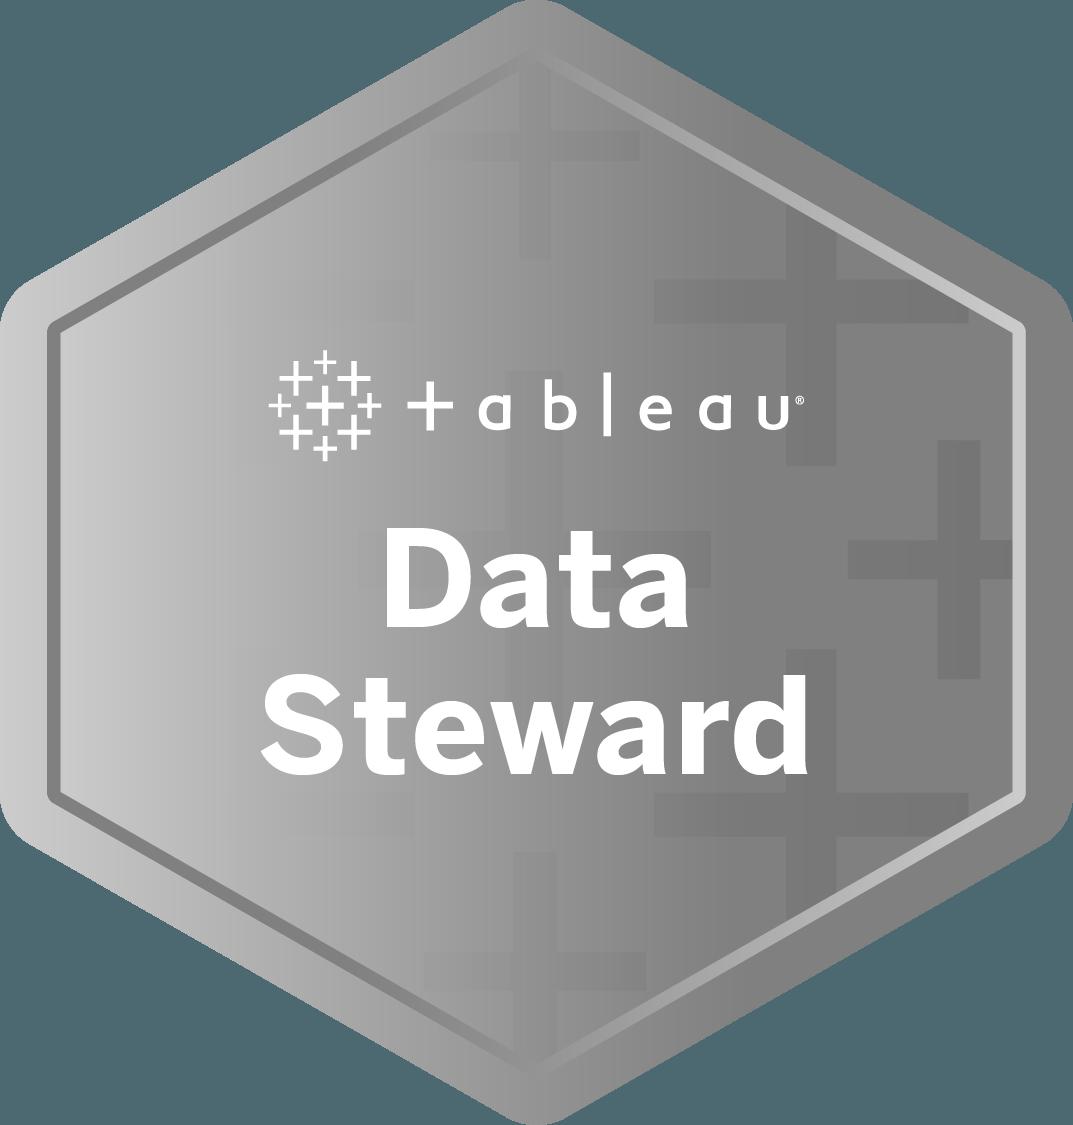 Data Steward badge